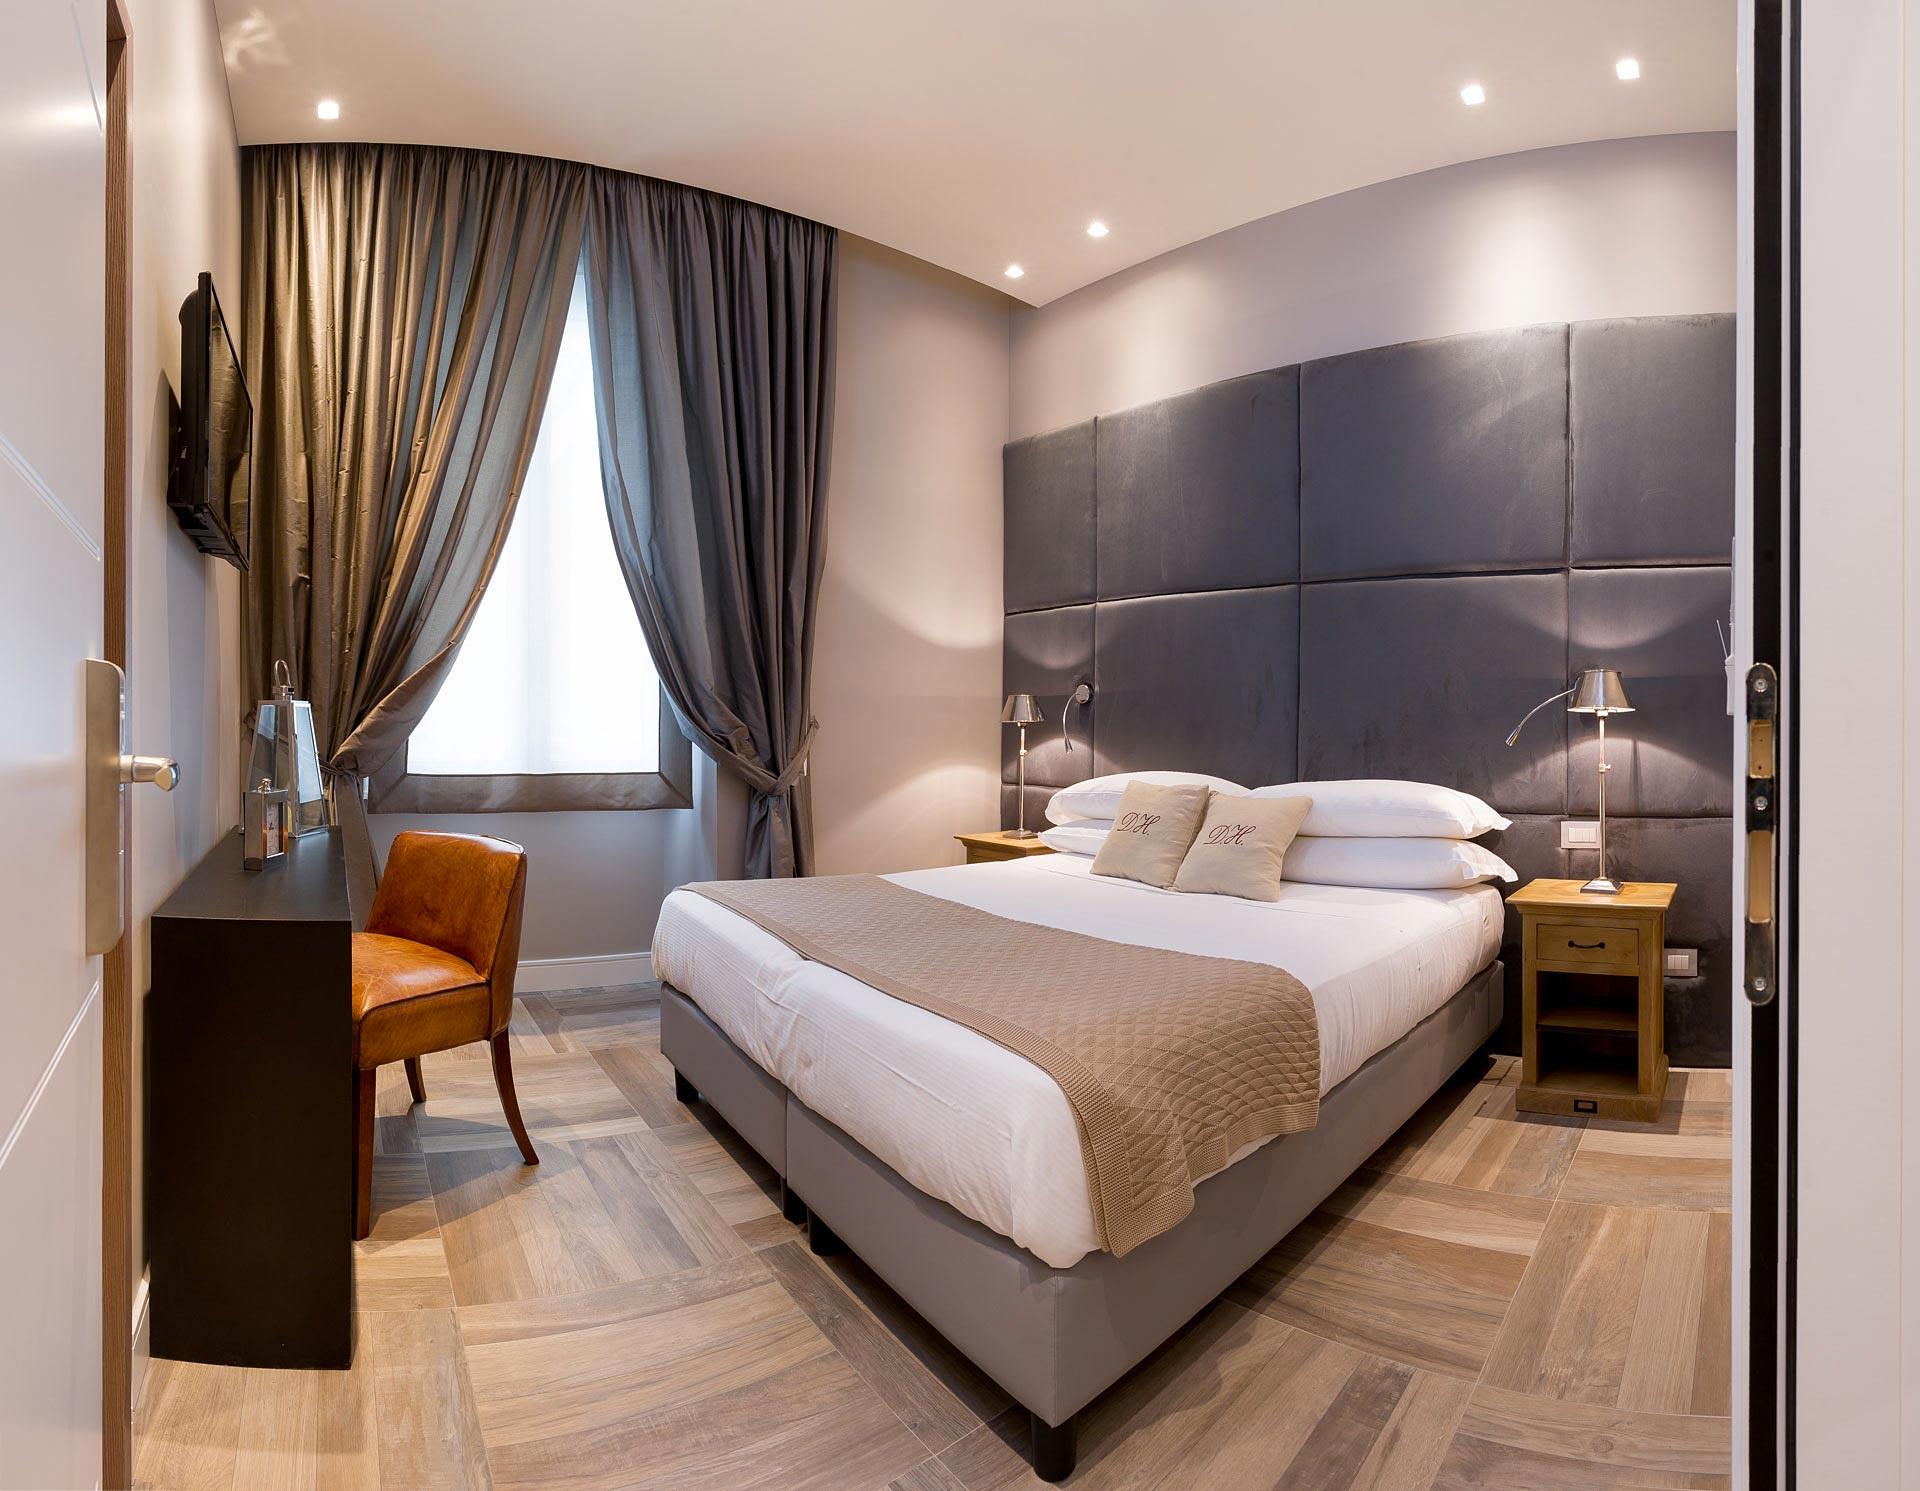 foto-albergo-roma-fotografo-architettura-interni-12